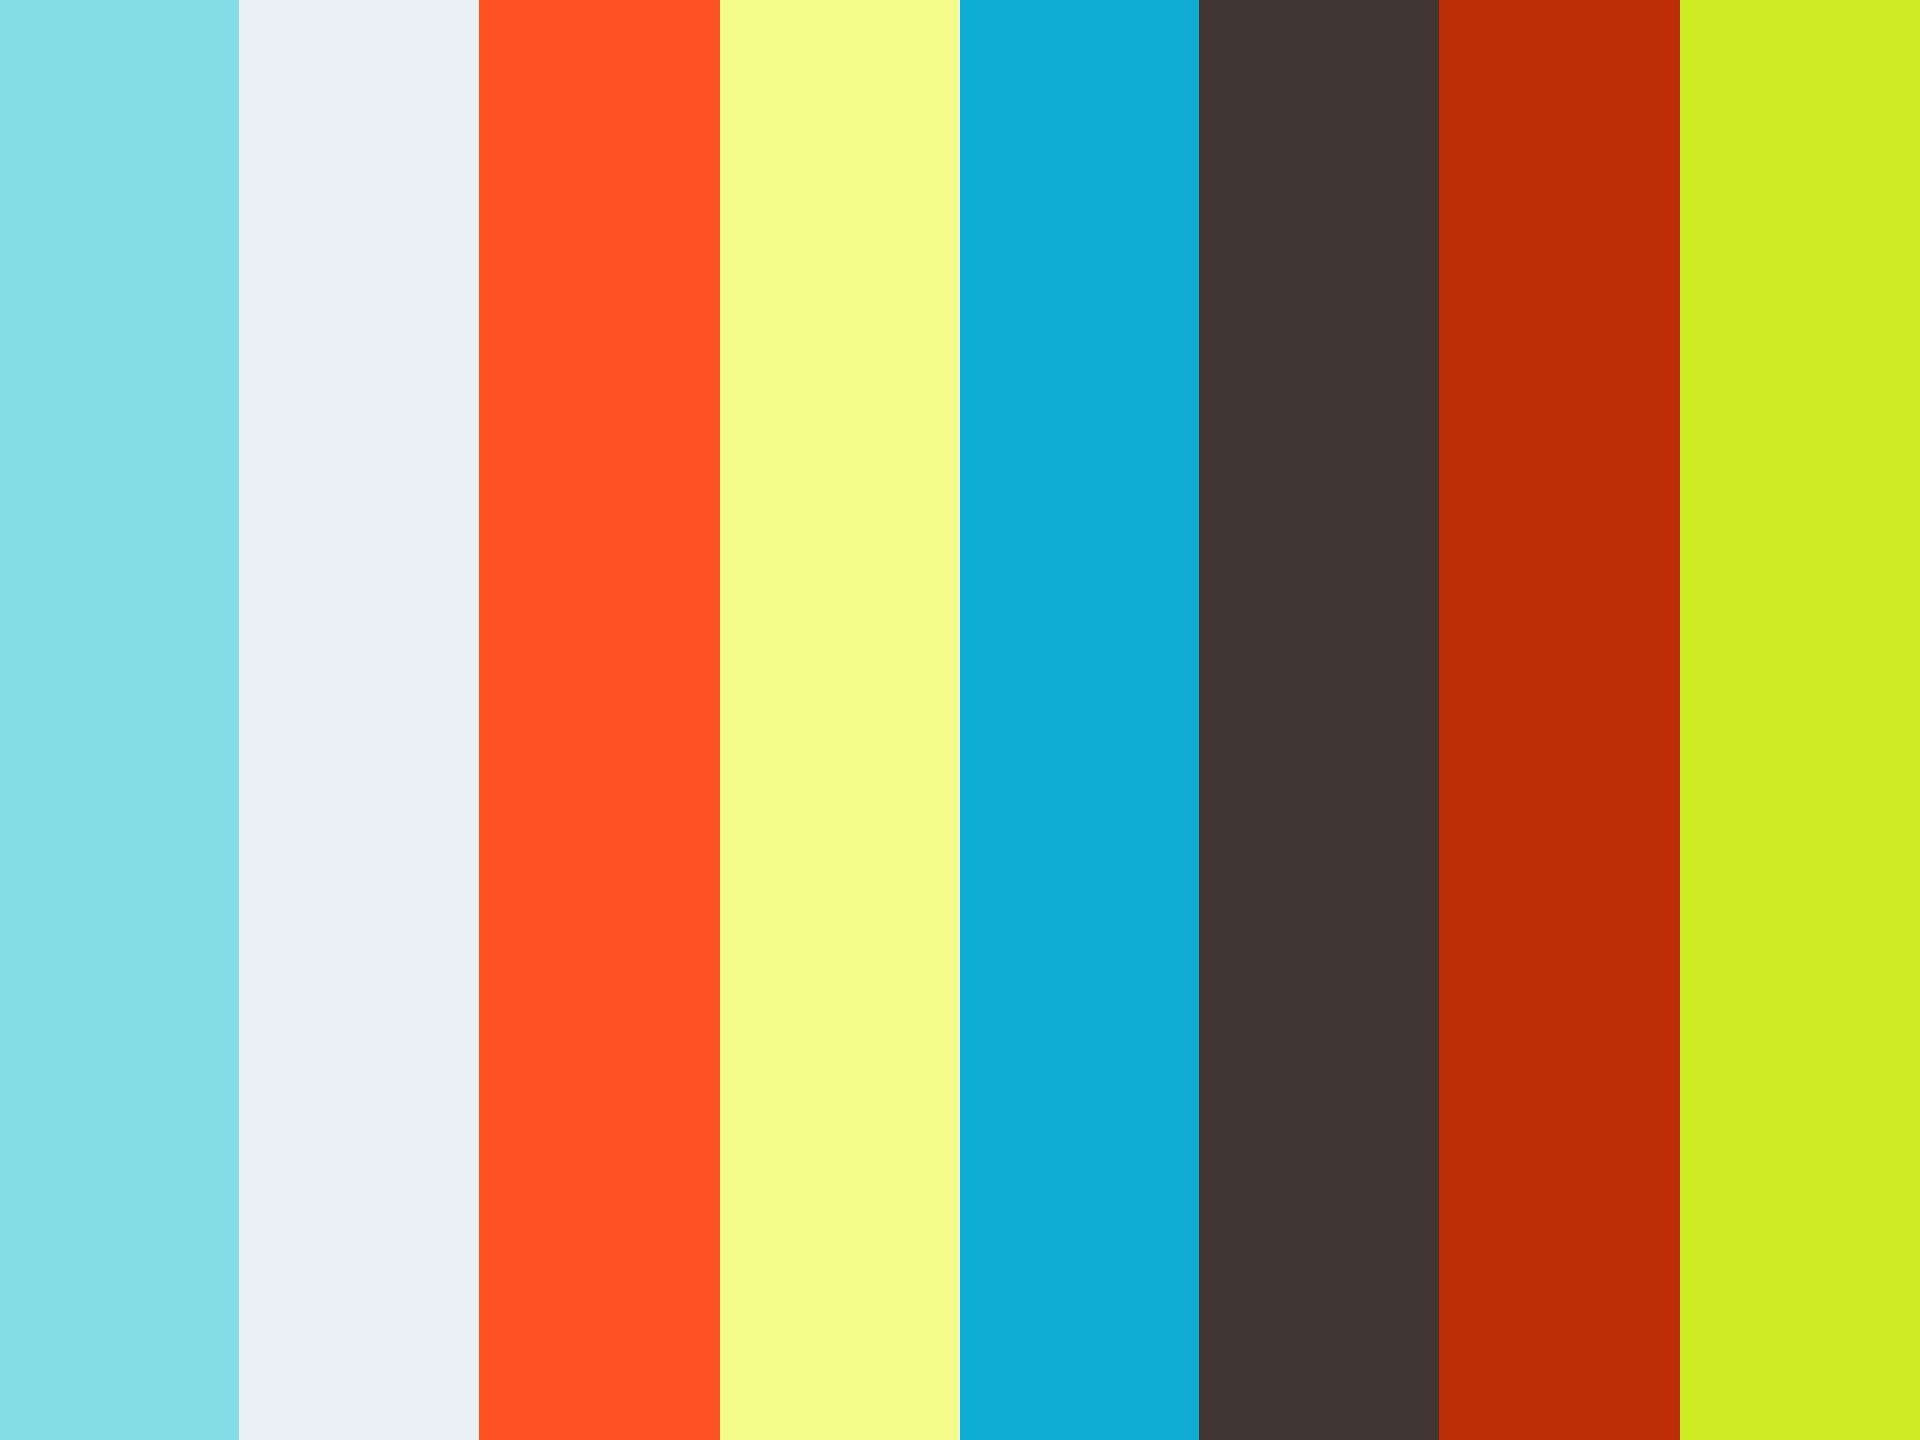 samuel fuller sharksamuel fuller wiki, samuel fuller best films, samuel fuller imdb, samuel fuller white dog (, samuel fuller interview, samuel fuller verboten, samuel fuller falkenau, samuel fuller mayflower, samuel fuller school, samuel fuller mayflower descendants, samuel fuller filmaffinity, samuel fuller filmografia, samuel fuller shock corridor, samuel fuller pierrot le fou, samuel fuller criterion, samuel fuller melhores filmes, samuel fuller collection, samuel fuller jane lathrop, samuel fuller brainquake, samuel fuller shark